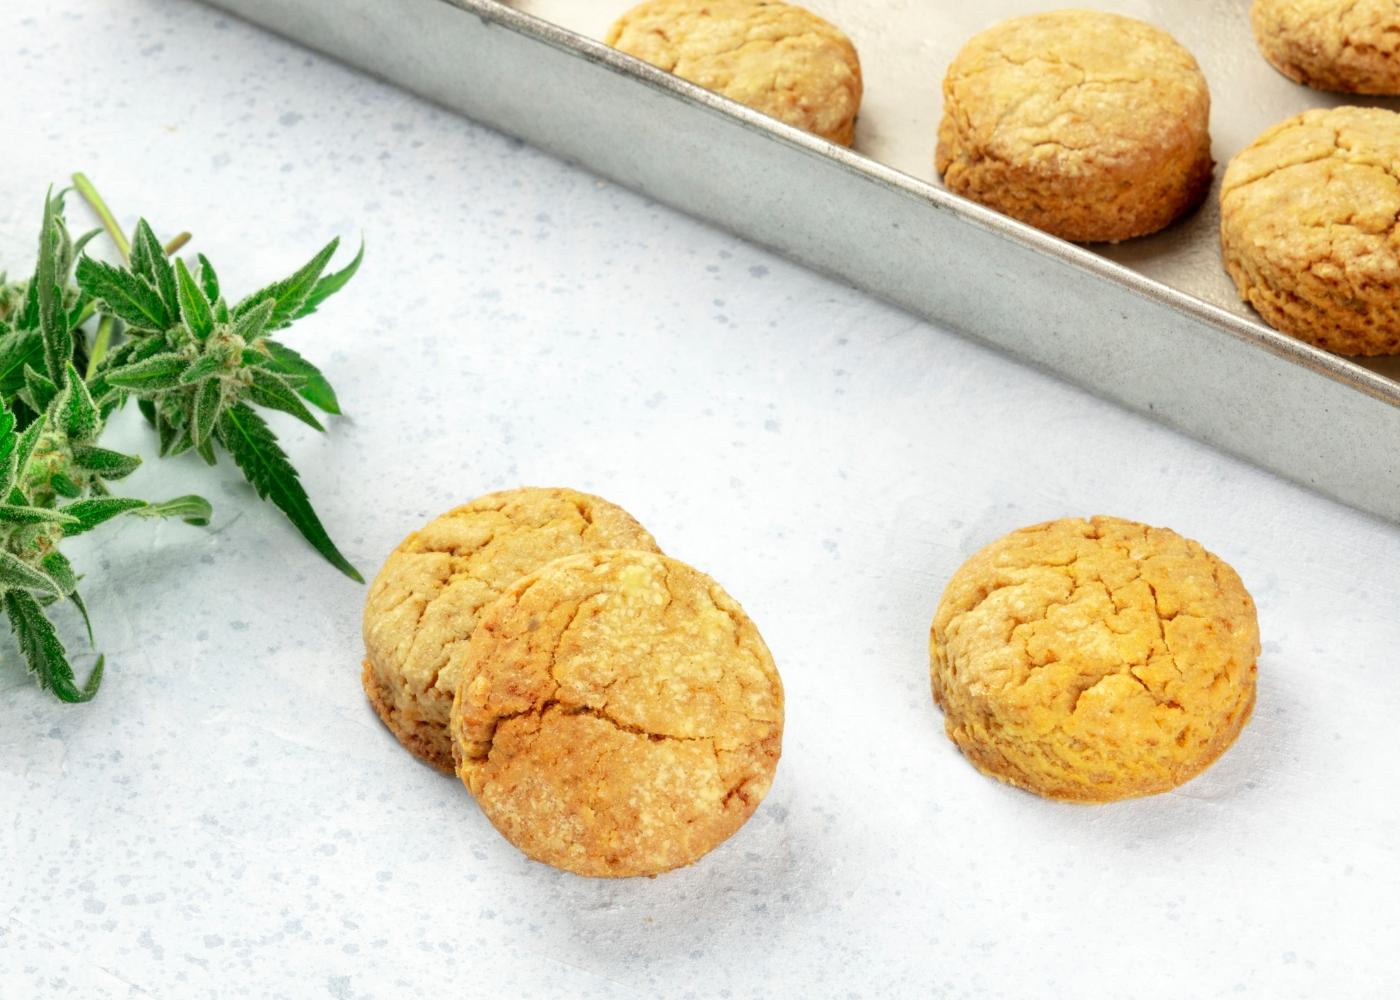 receitas de biscoitos de azeite com farinhas alternativas